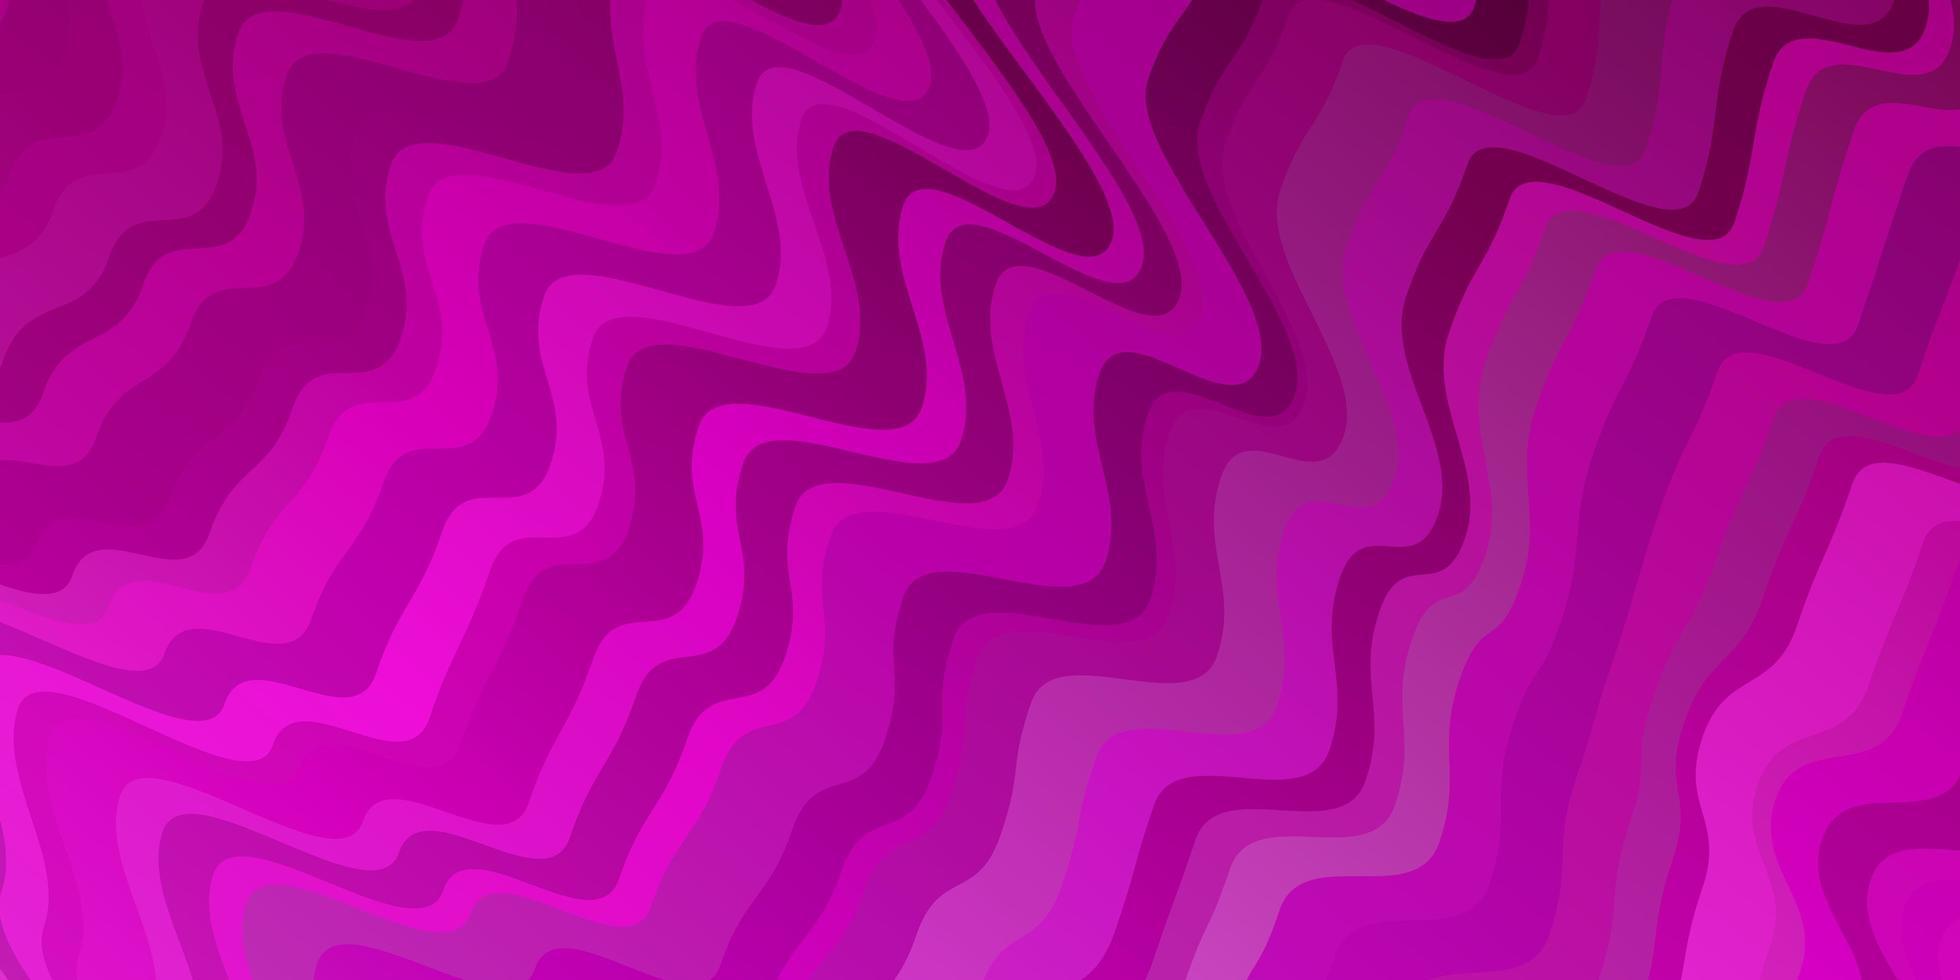 fond rose avec des lignes pliées. vecteur